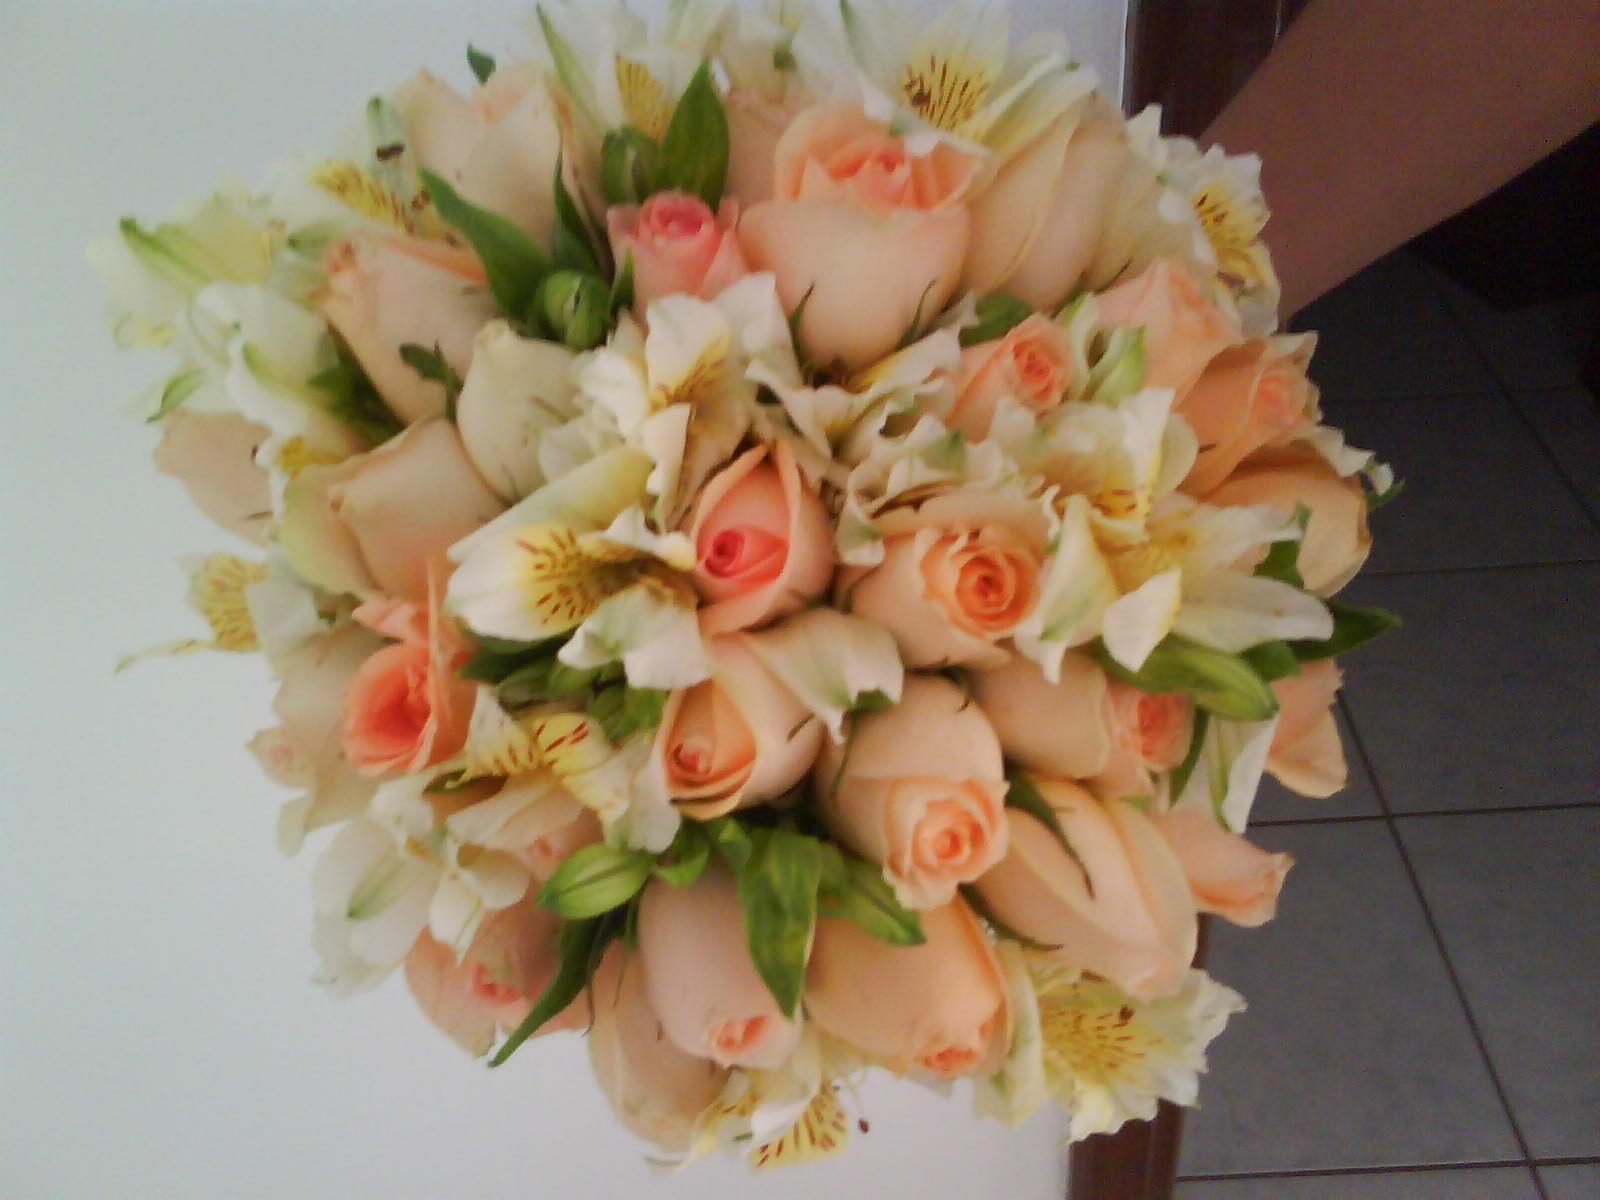 Fofura Gospel: Flores lindas flores e bouquet de rosas - Fotos De Buque Flores Lindas